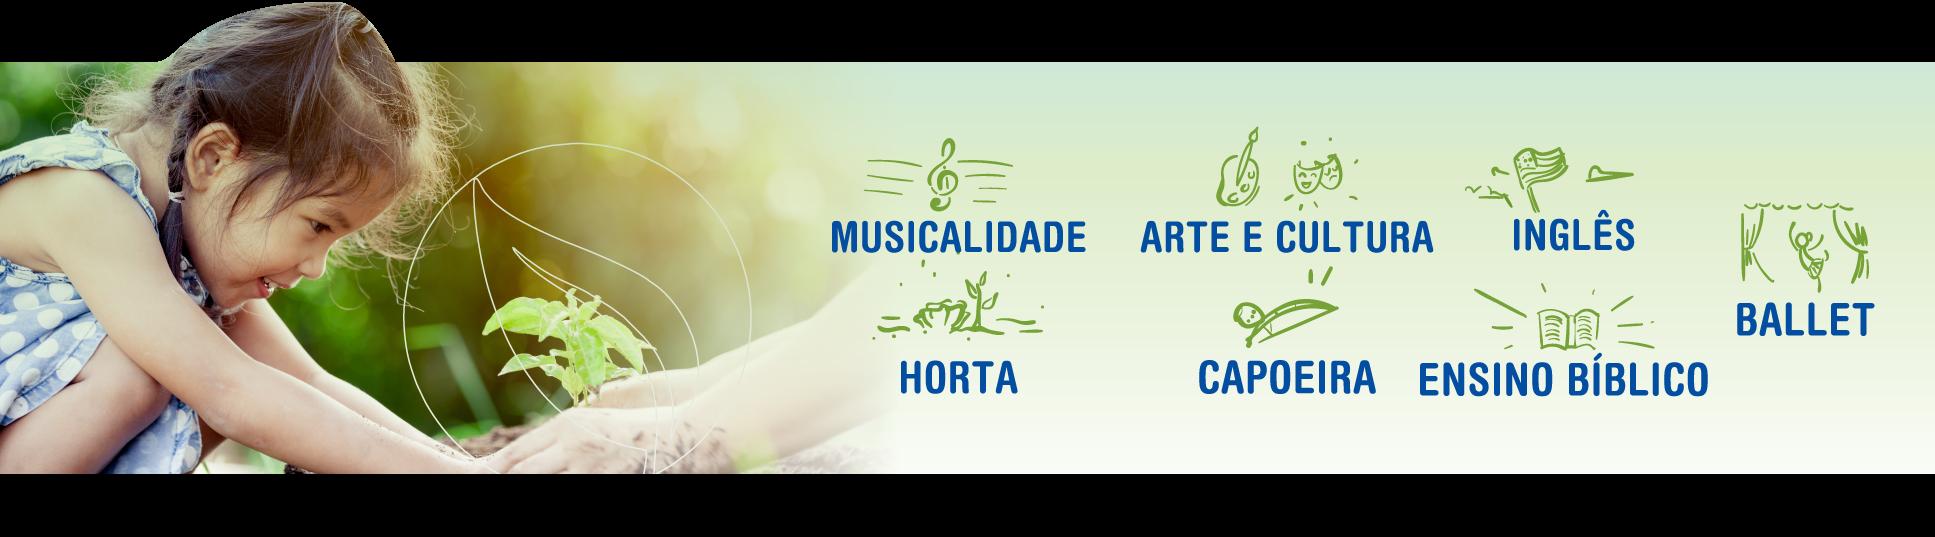 Musicalidade, Arte e Cultura, Inglês, Ballet, Horta, Capoeira e Ensino Bíblico